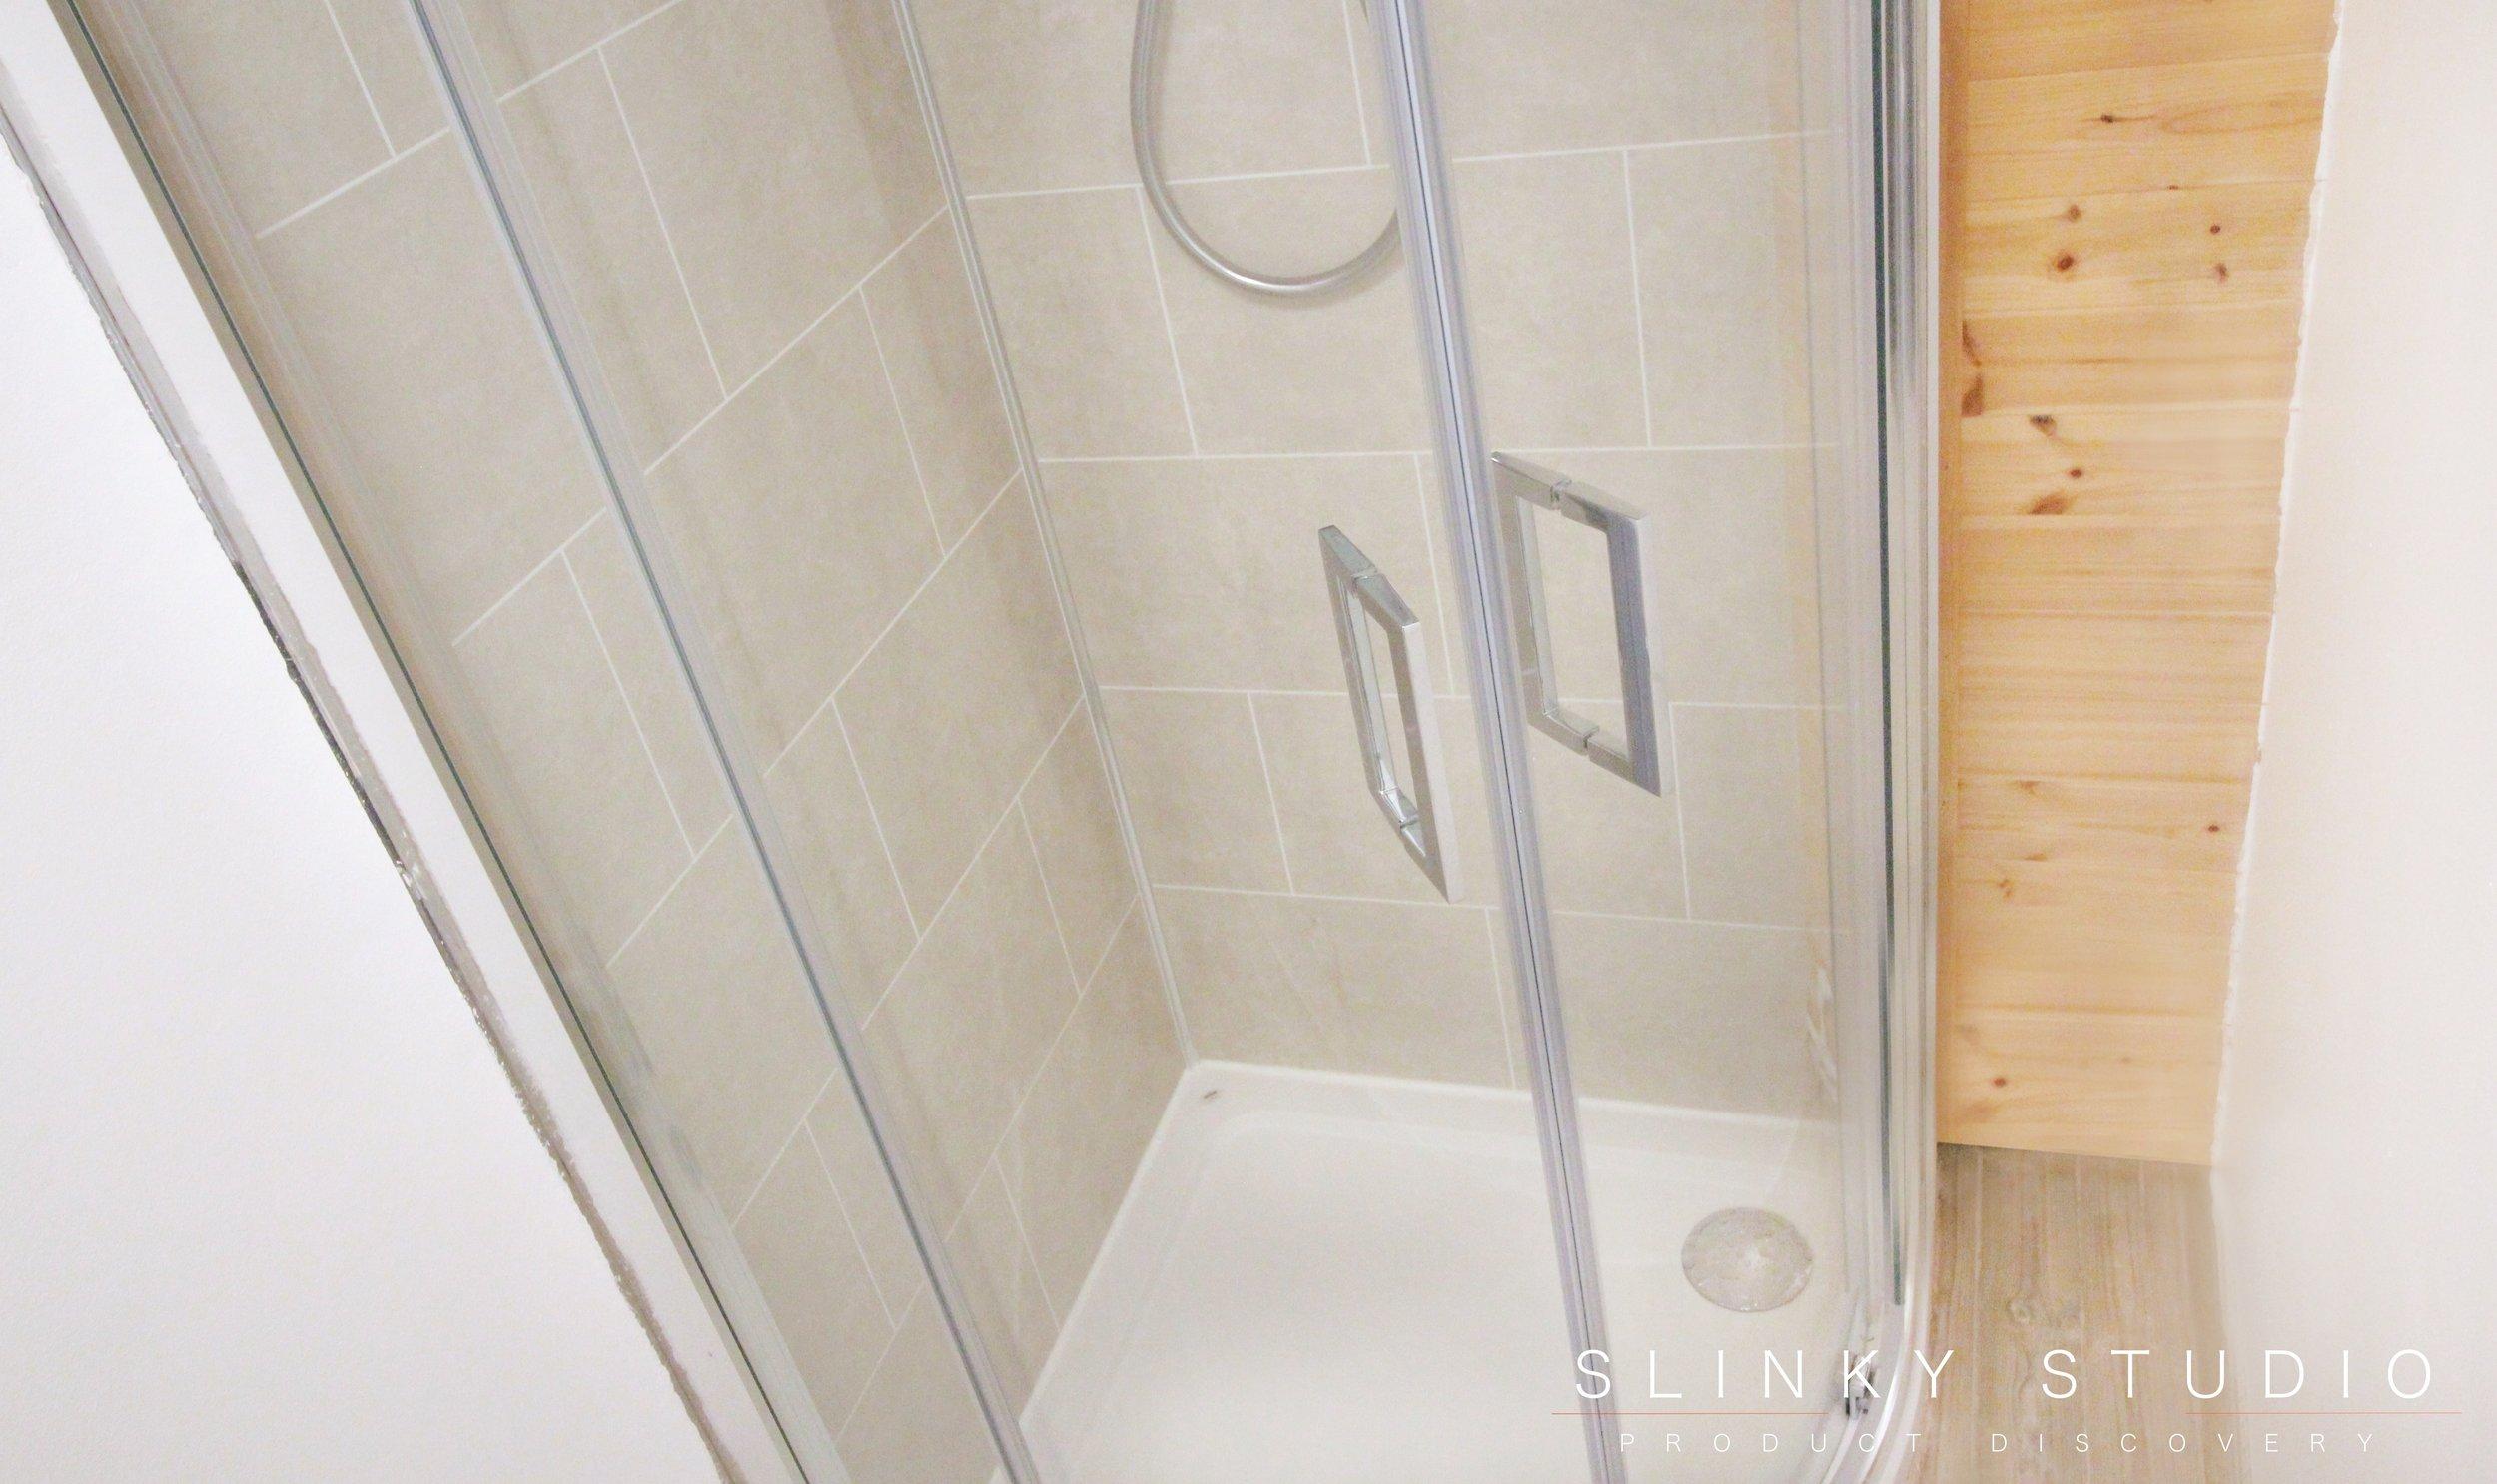 Mira Leap Quadrant Shower Walls, Glass Doors & Flight Safe Shower Tray.jpg